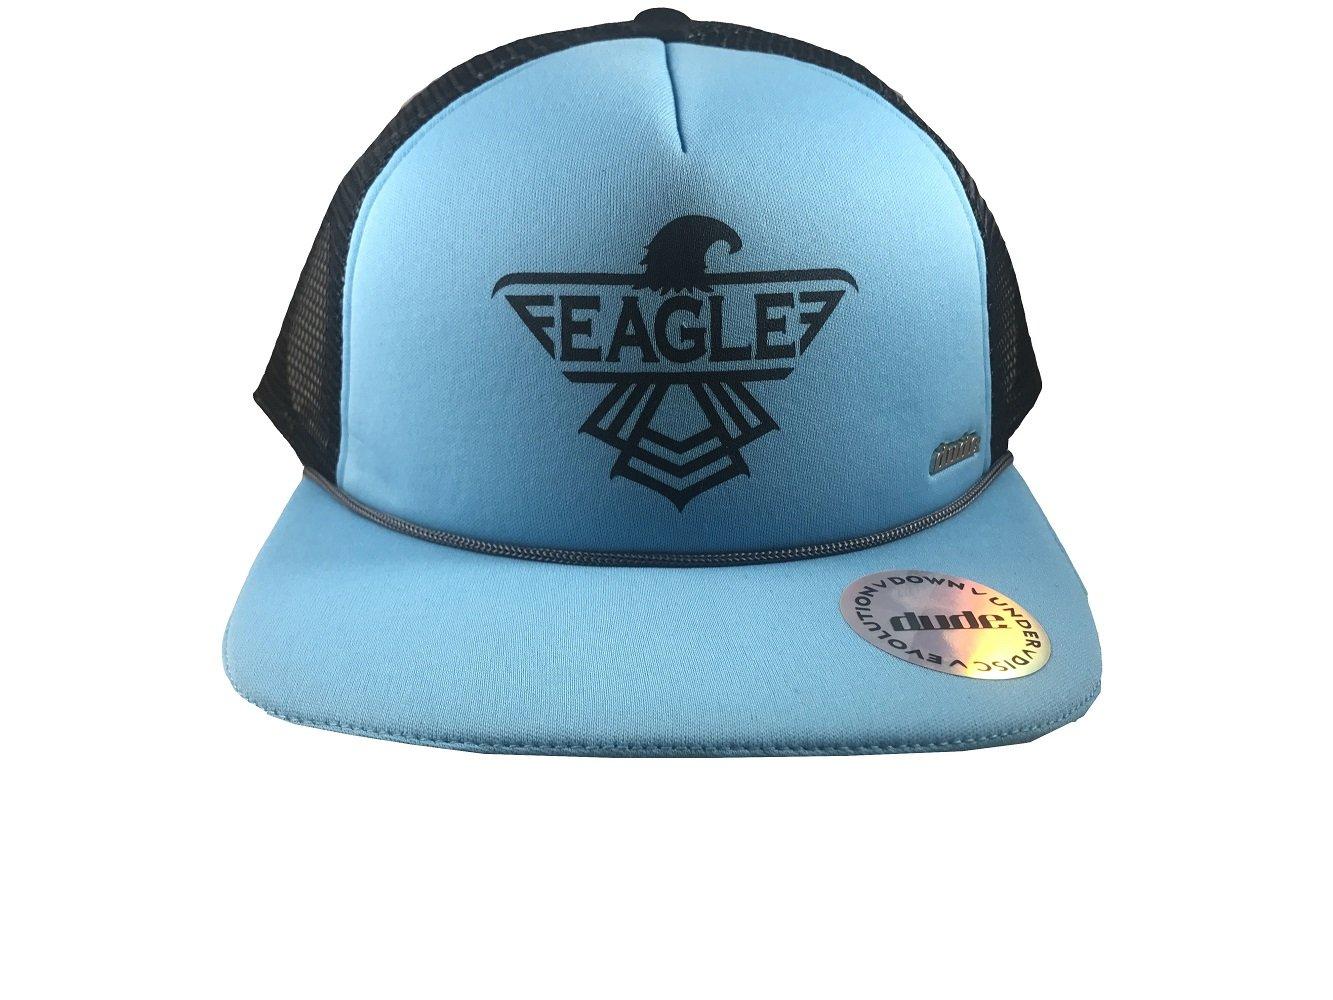 【セール】 Dude Dude Clothing Eagle McMahonイーグルロゴTruckerキャップ調整可能メッシュディスクゴルフ帽子 Blue Light Eagle Blue w/ Black B076H6KKMM, Jewelryメルシィ:252cf08c --- arianechie.dominiotemporario.com